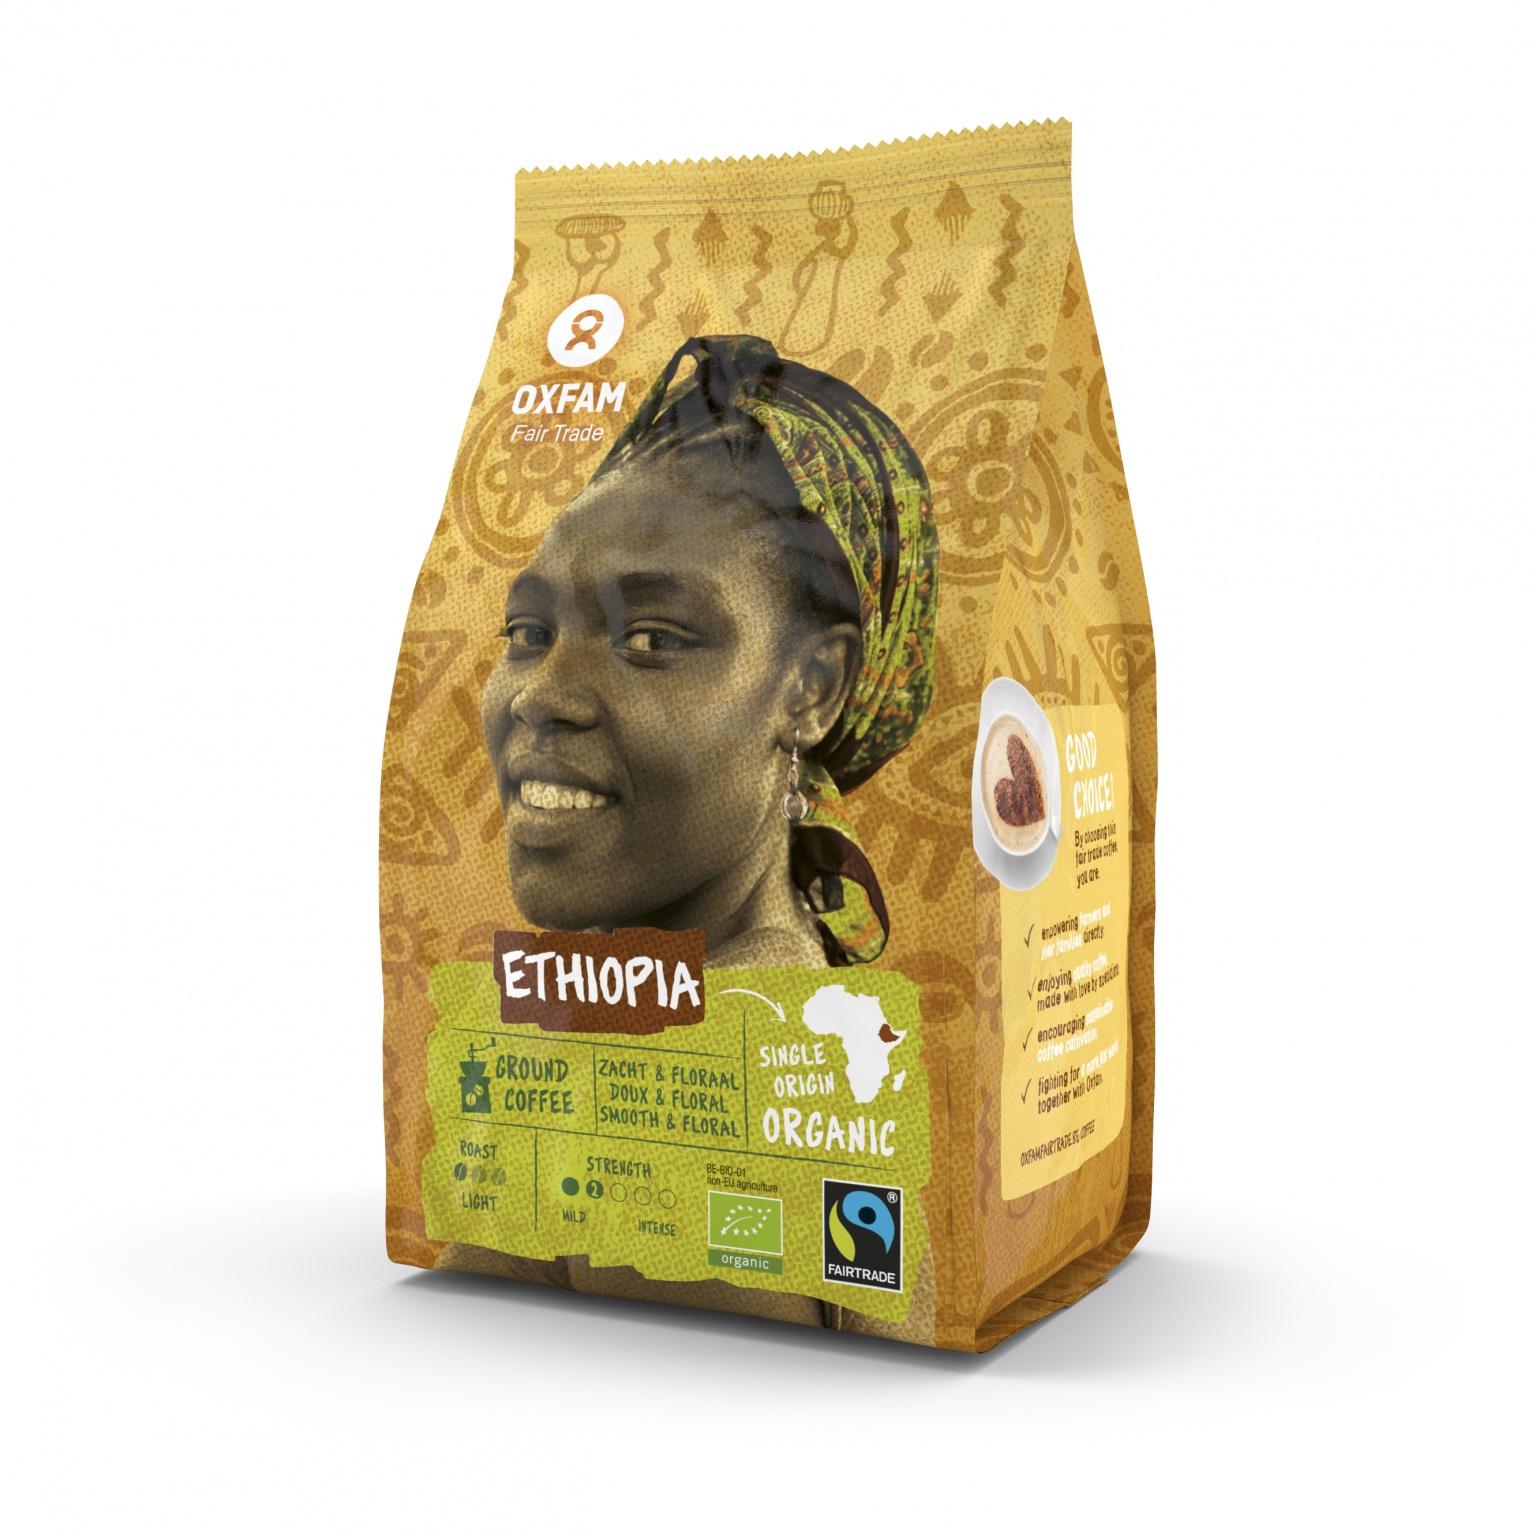 Oxfam Fair Trade 22005